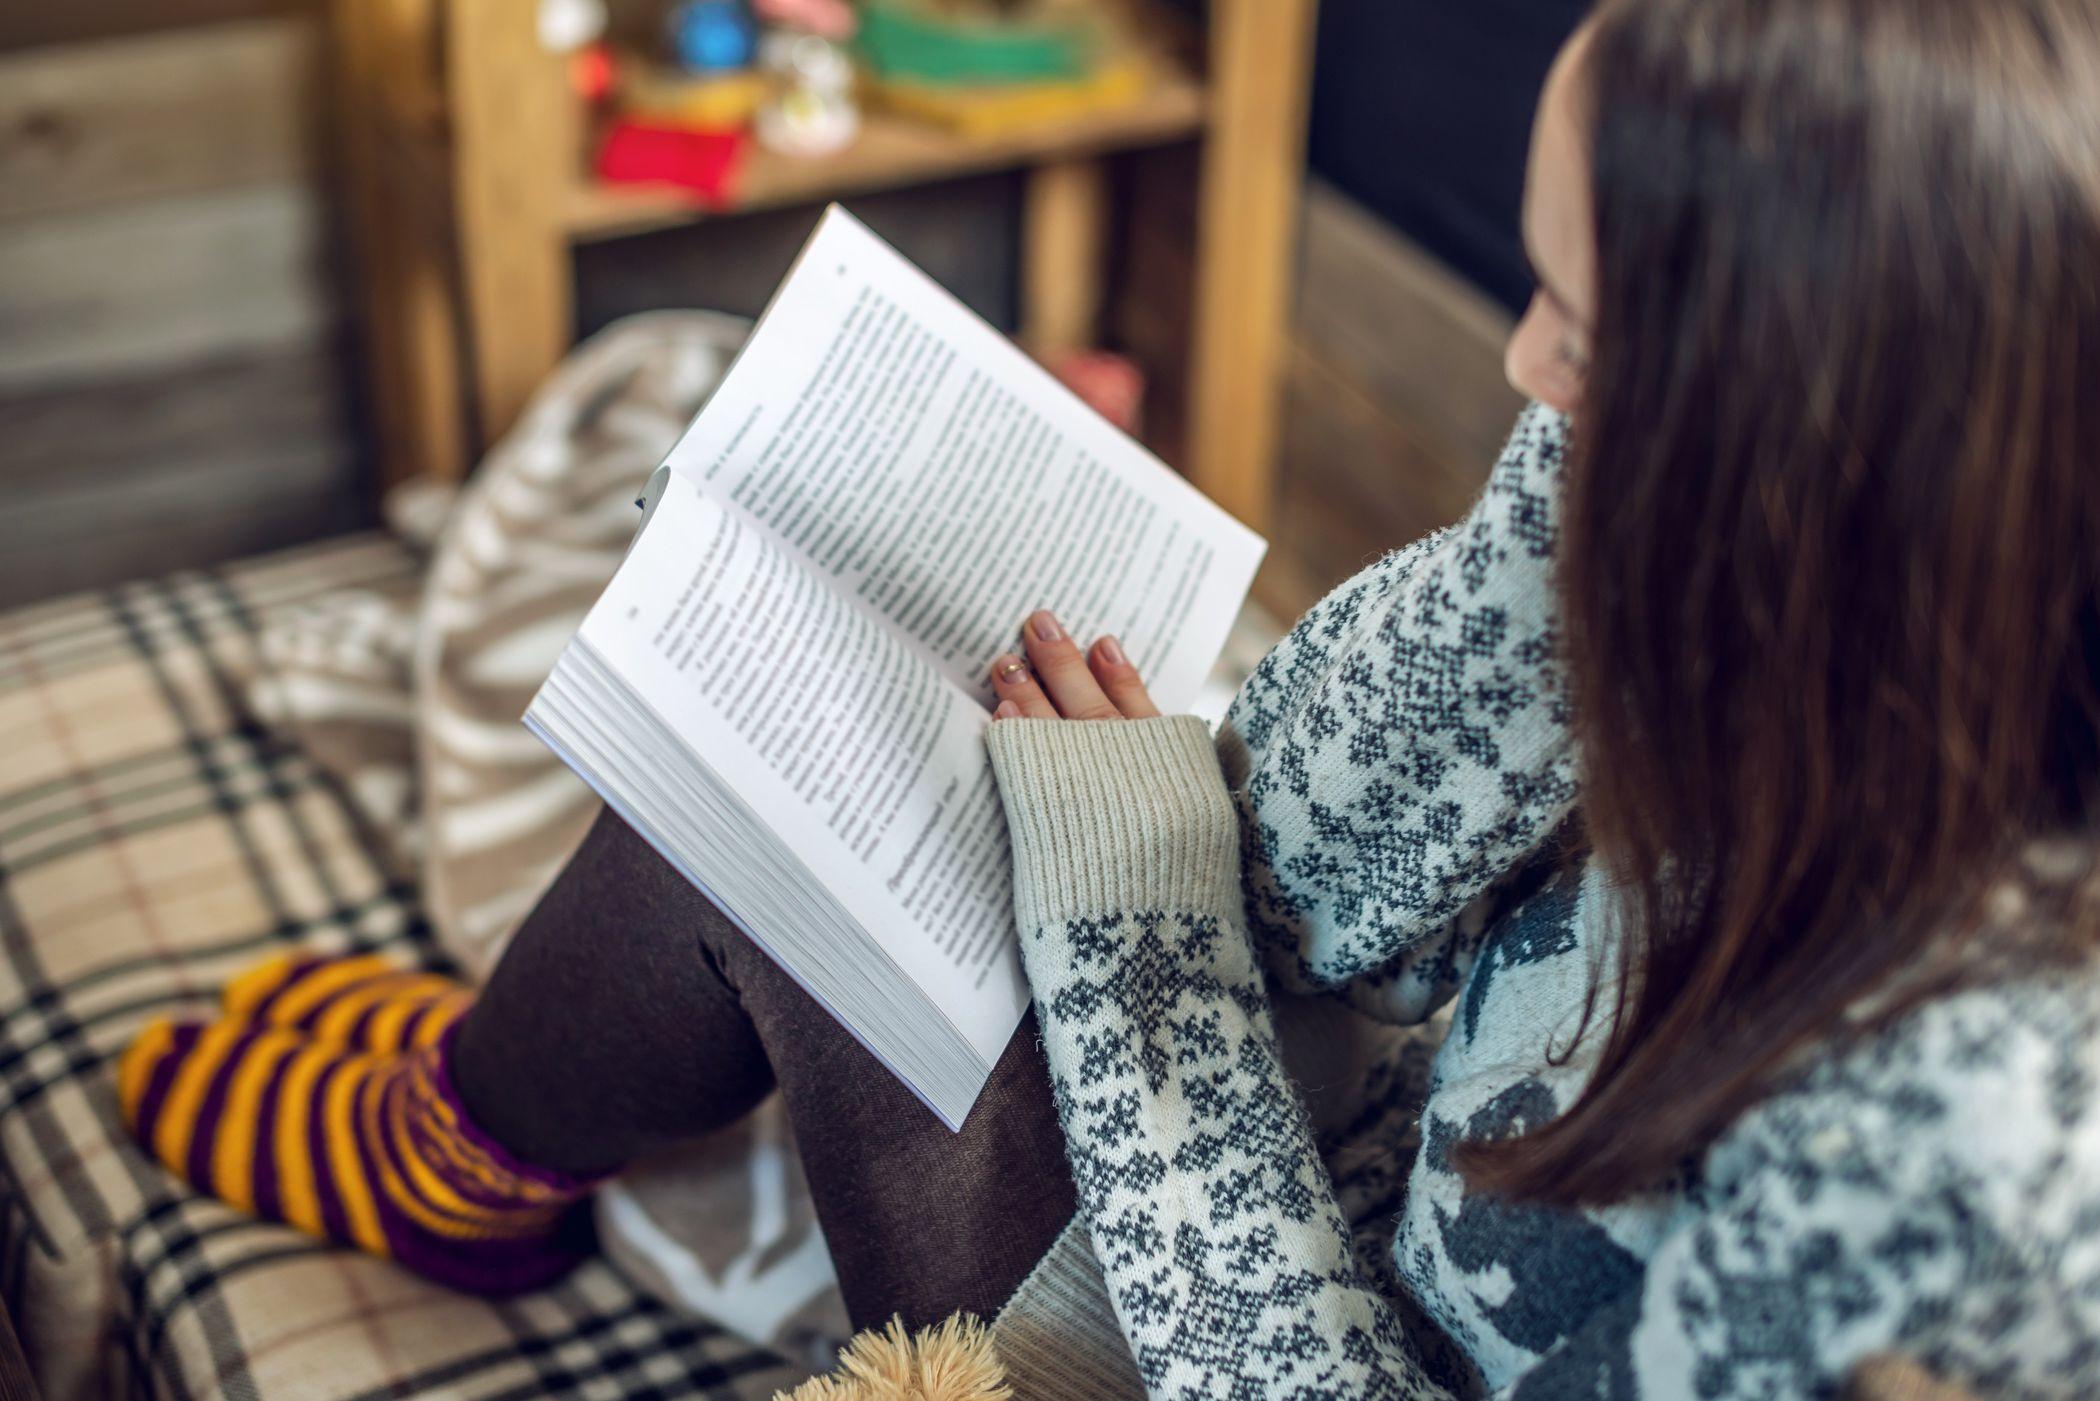 Obrázek Podvečerní čtení, Po dvanáct podvečerů můžete poslouchat četbu na…